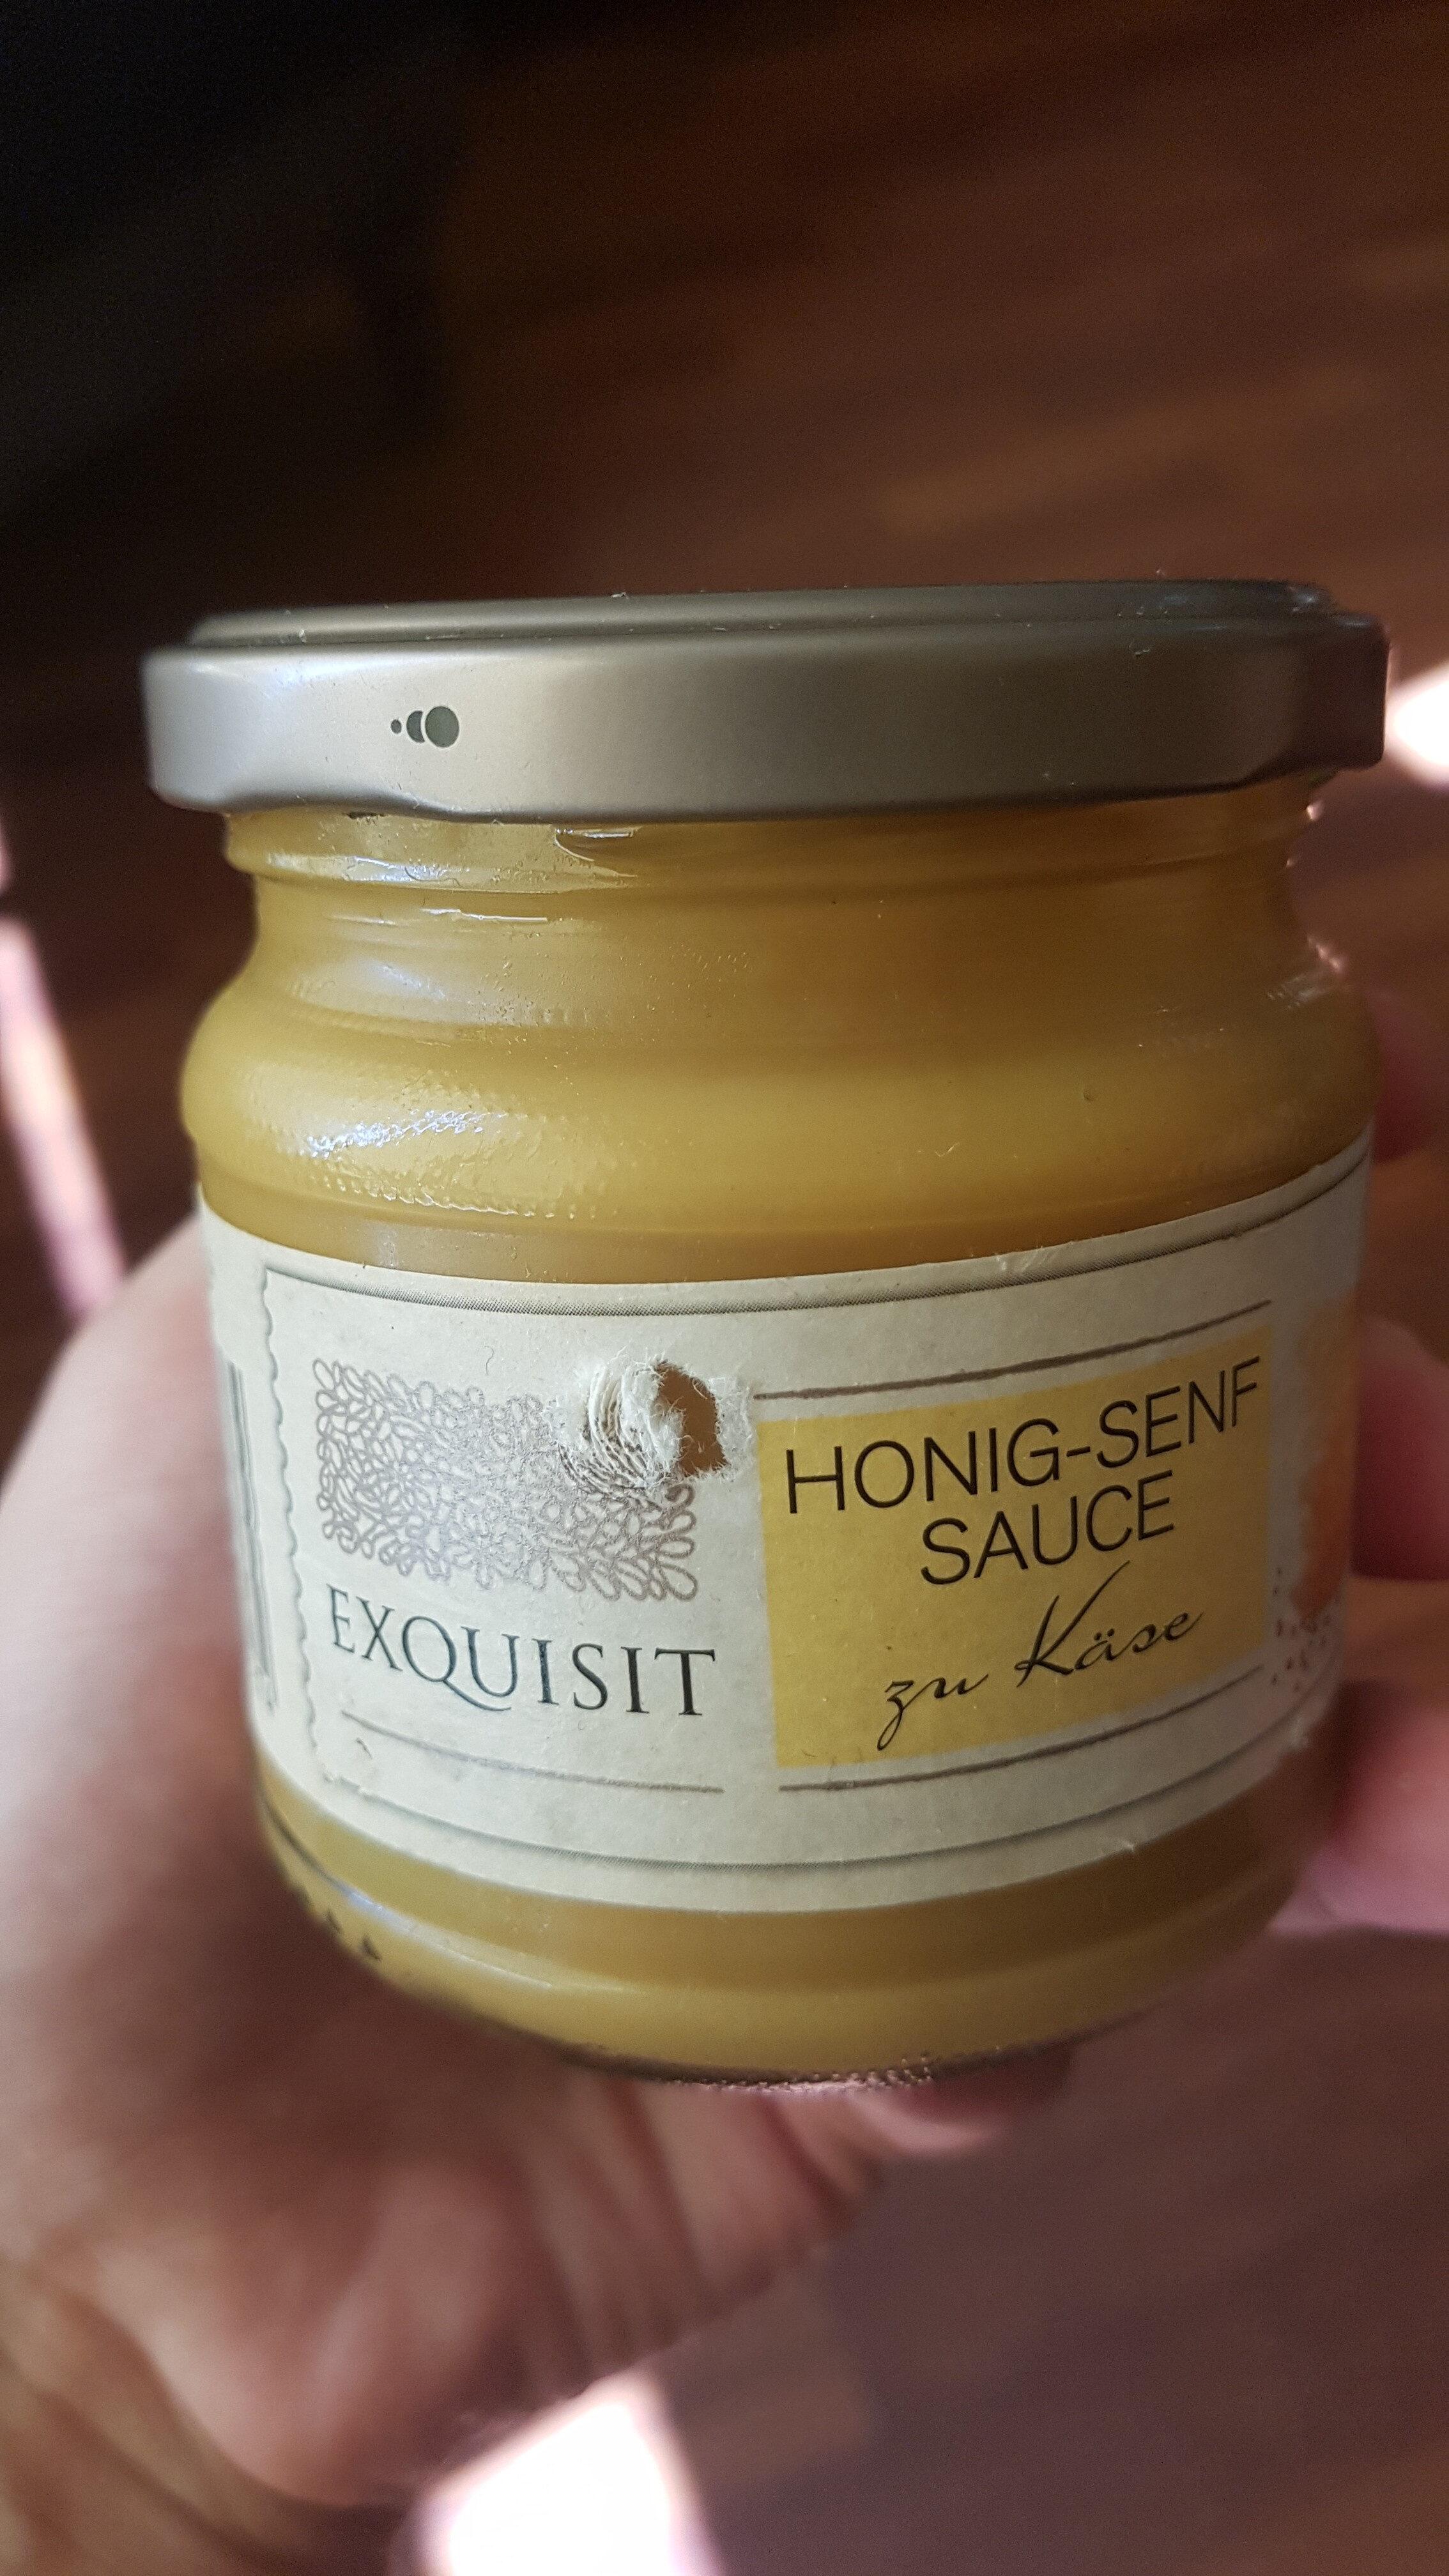 Honig-Senf Sauce - Ürün - tr